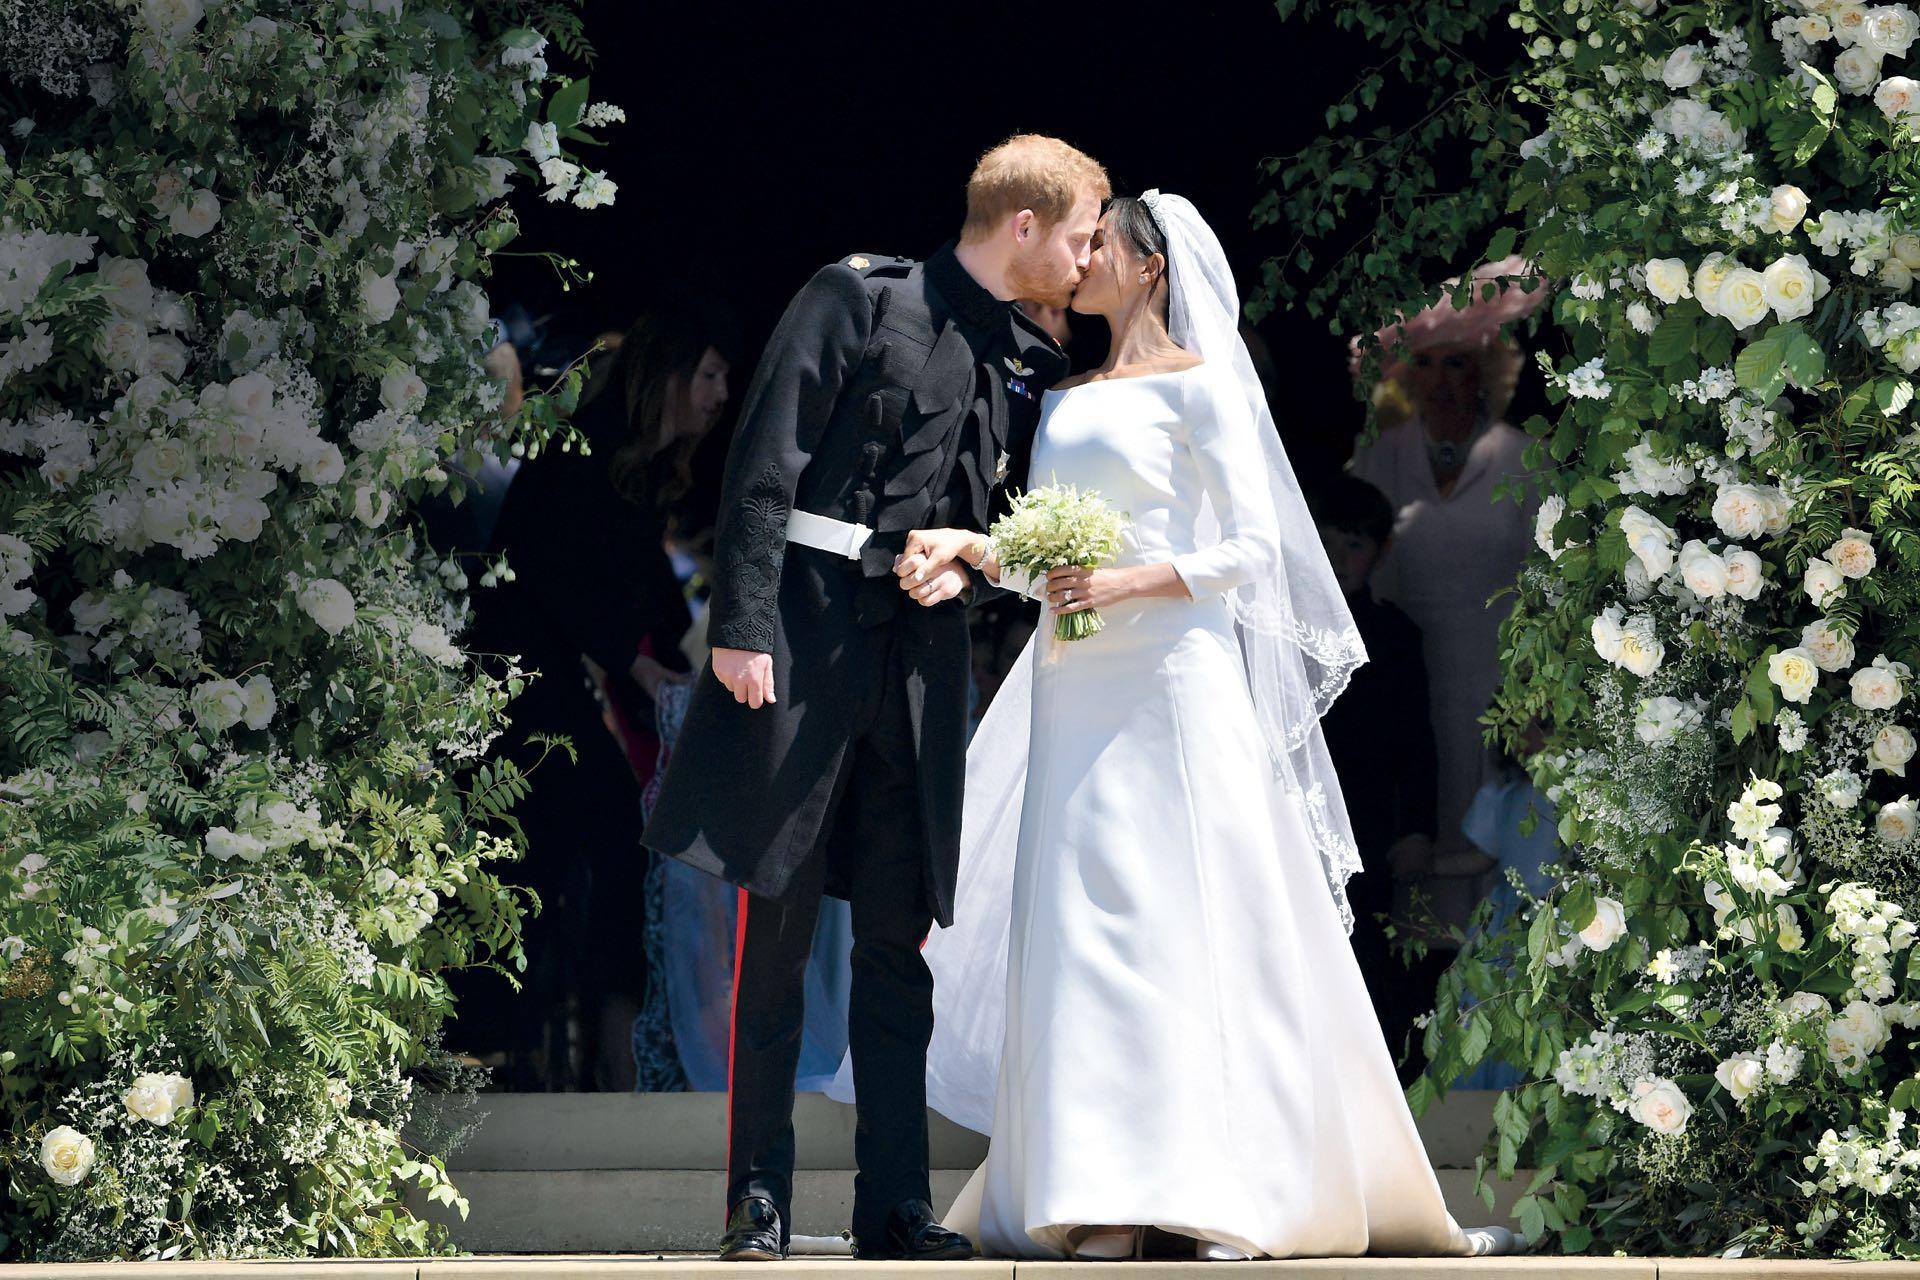 Mayo. La alta sociedad británica esperaba este beso: el príncipe Harry (duque de Sussex) y Meghan Markle (famosa exactriz estadounidense) finalmente pasaron por el altar en la capilla de San Jorge, como corresponde a la tradición. El sábado 19 sellaron su compromiso ante una audiencia global de 100 millones de personas.